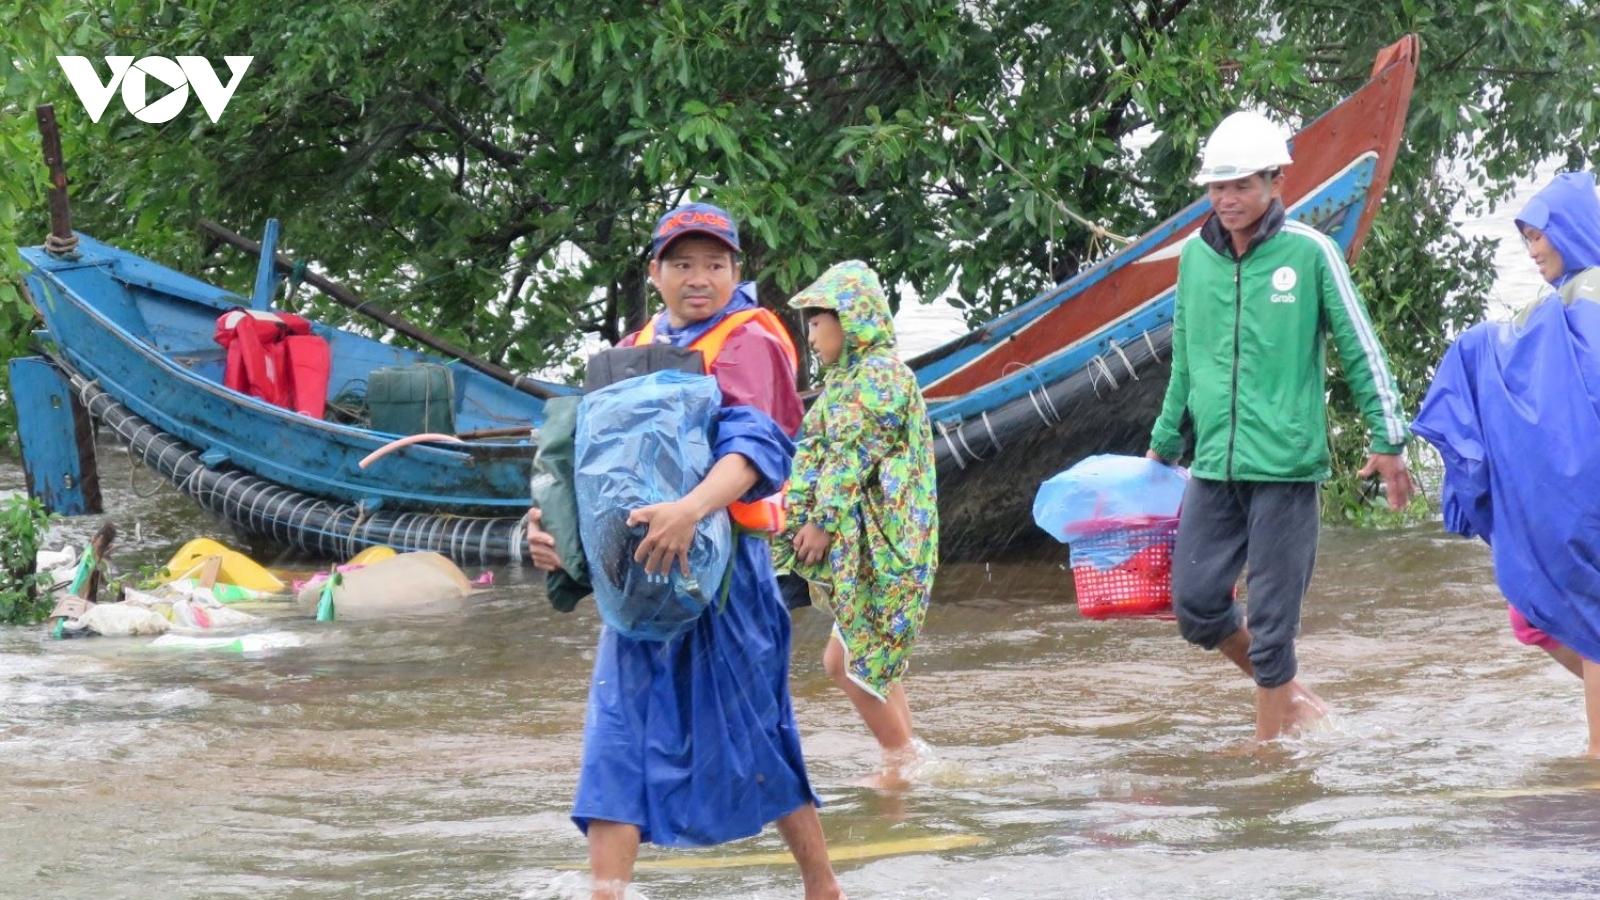 Người dân xã Hưng Thủy, huyện Lệ Thủy giúp nhau chạy lũ